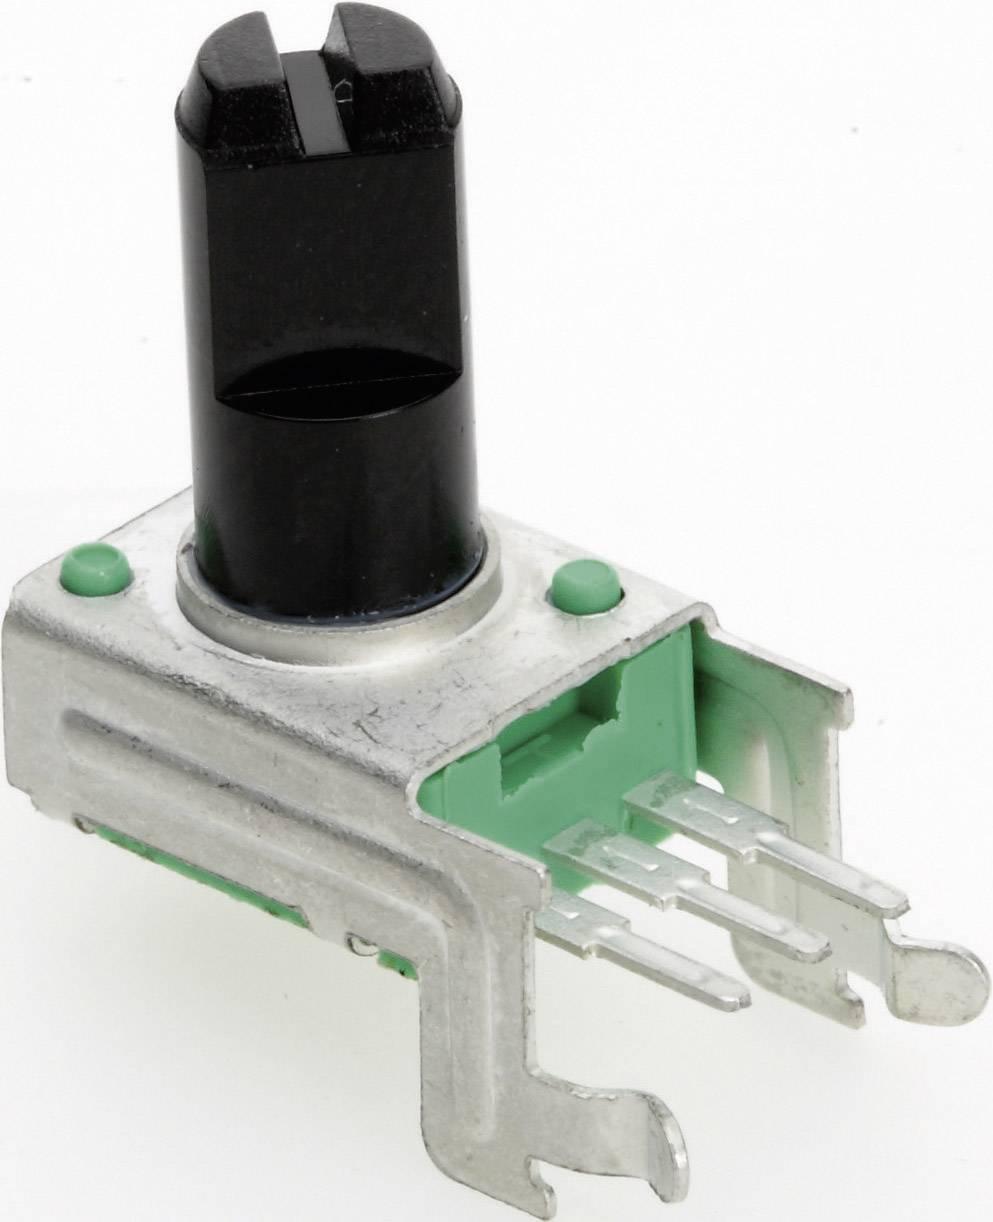 Vodivý plastový potenciometer mono TT Electronics AB P090L-02F20 B-500 R 4112901420, 500 Ohm, 1 ks